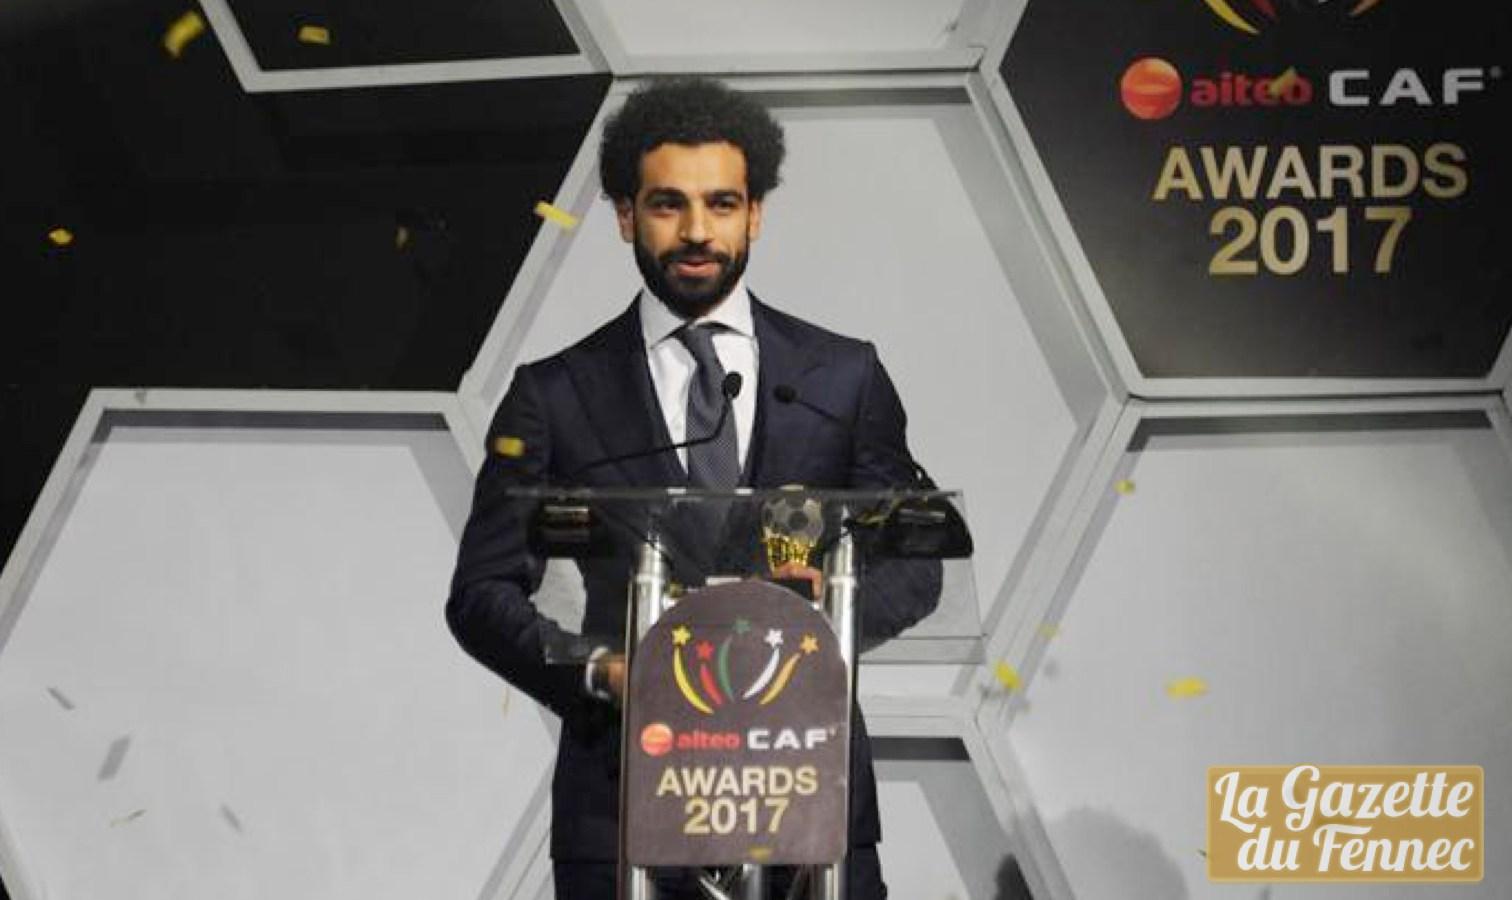 mohamed salah caf 2017 awards